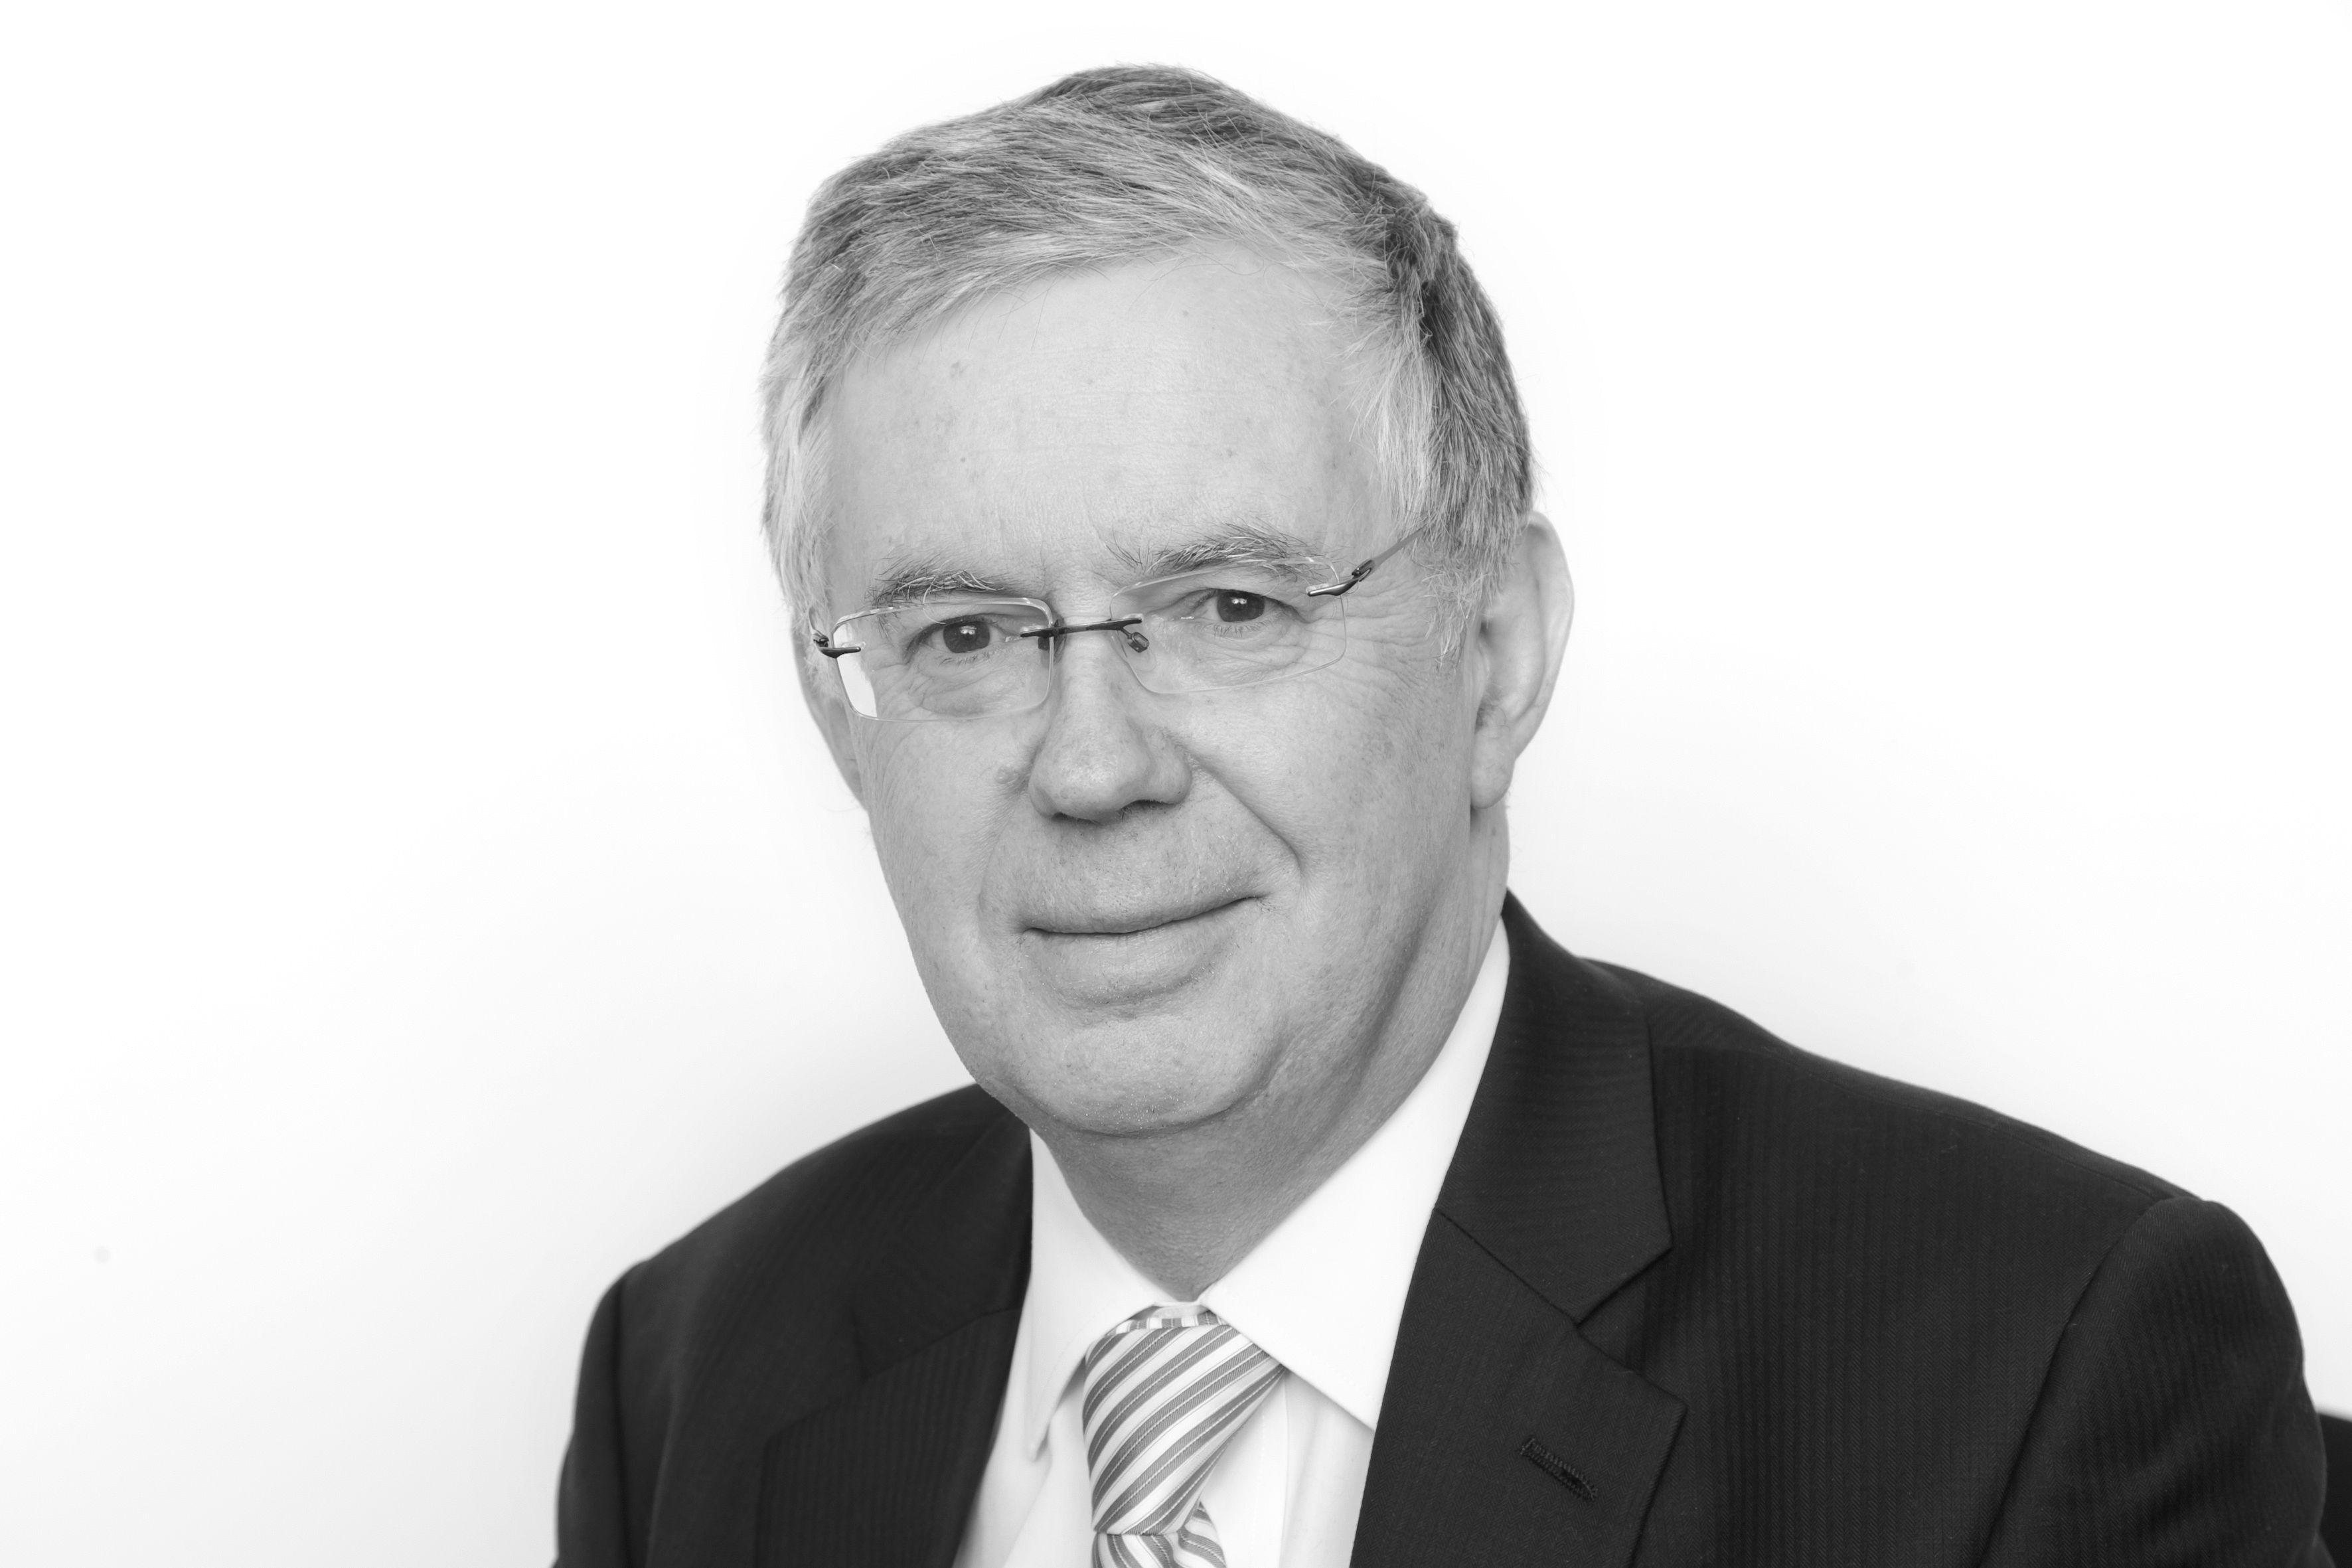 David Haslam